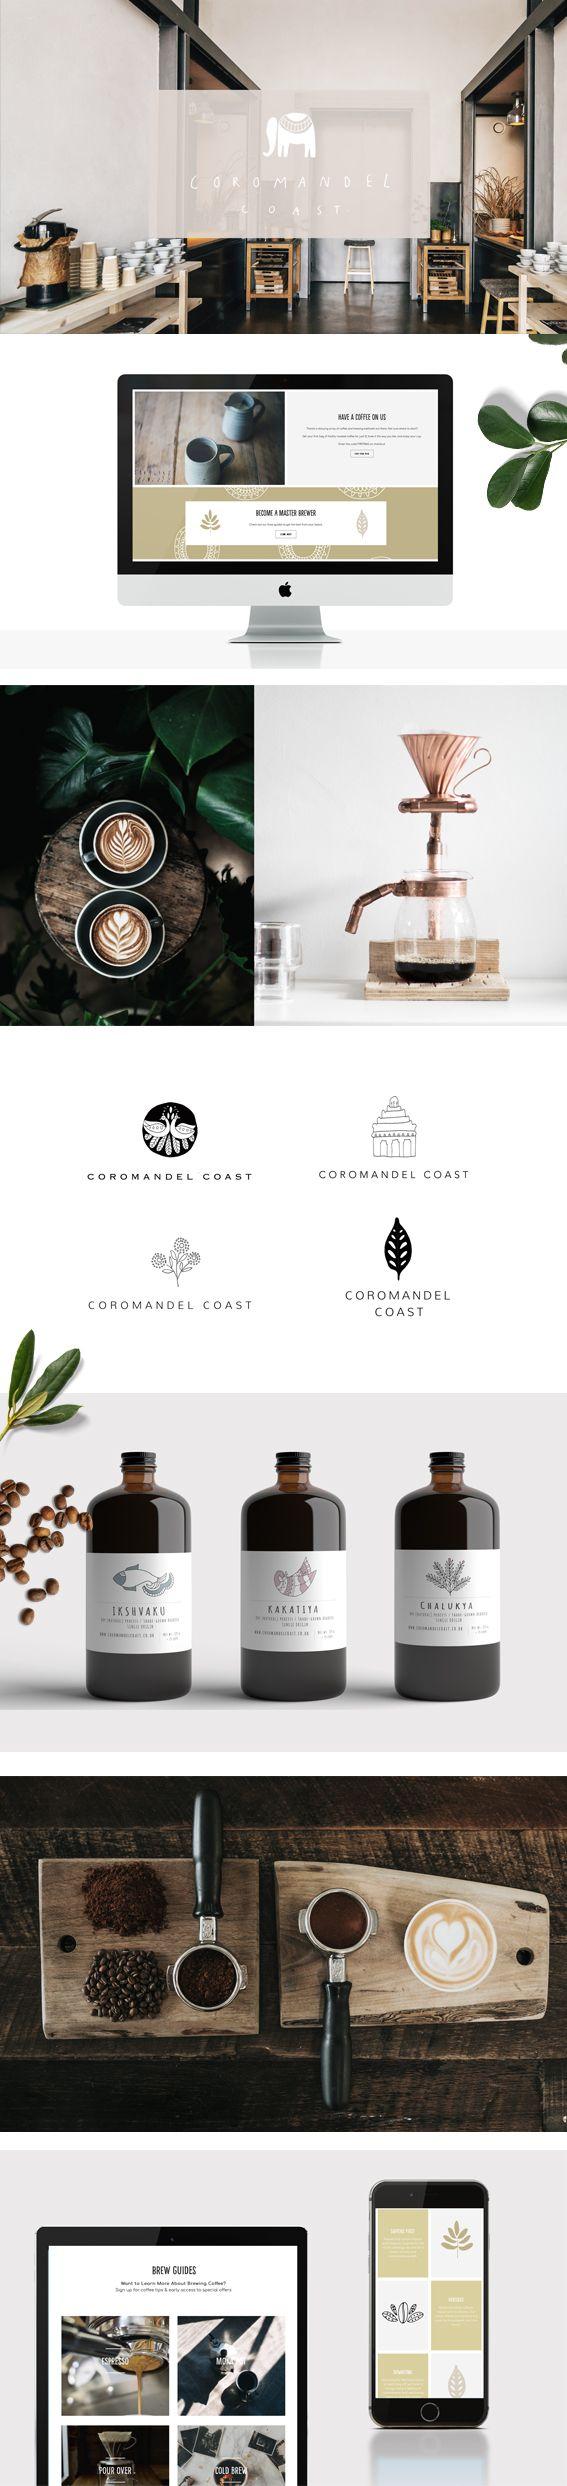 Coffee company branding by Ryn Frank www.rynfrankdesign.co.uk